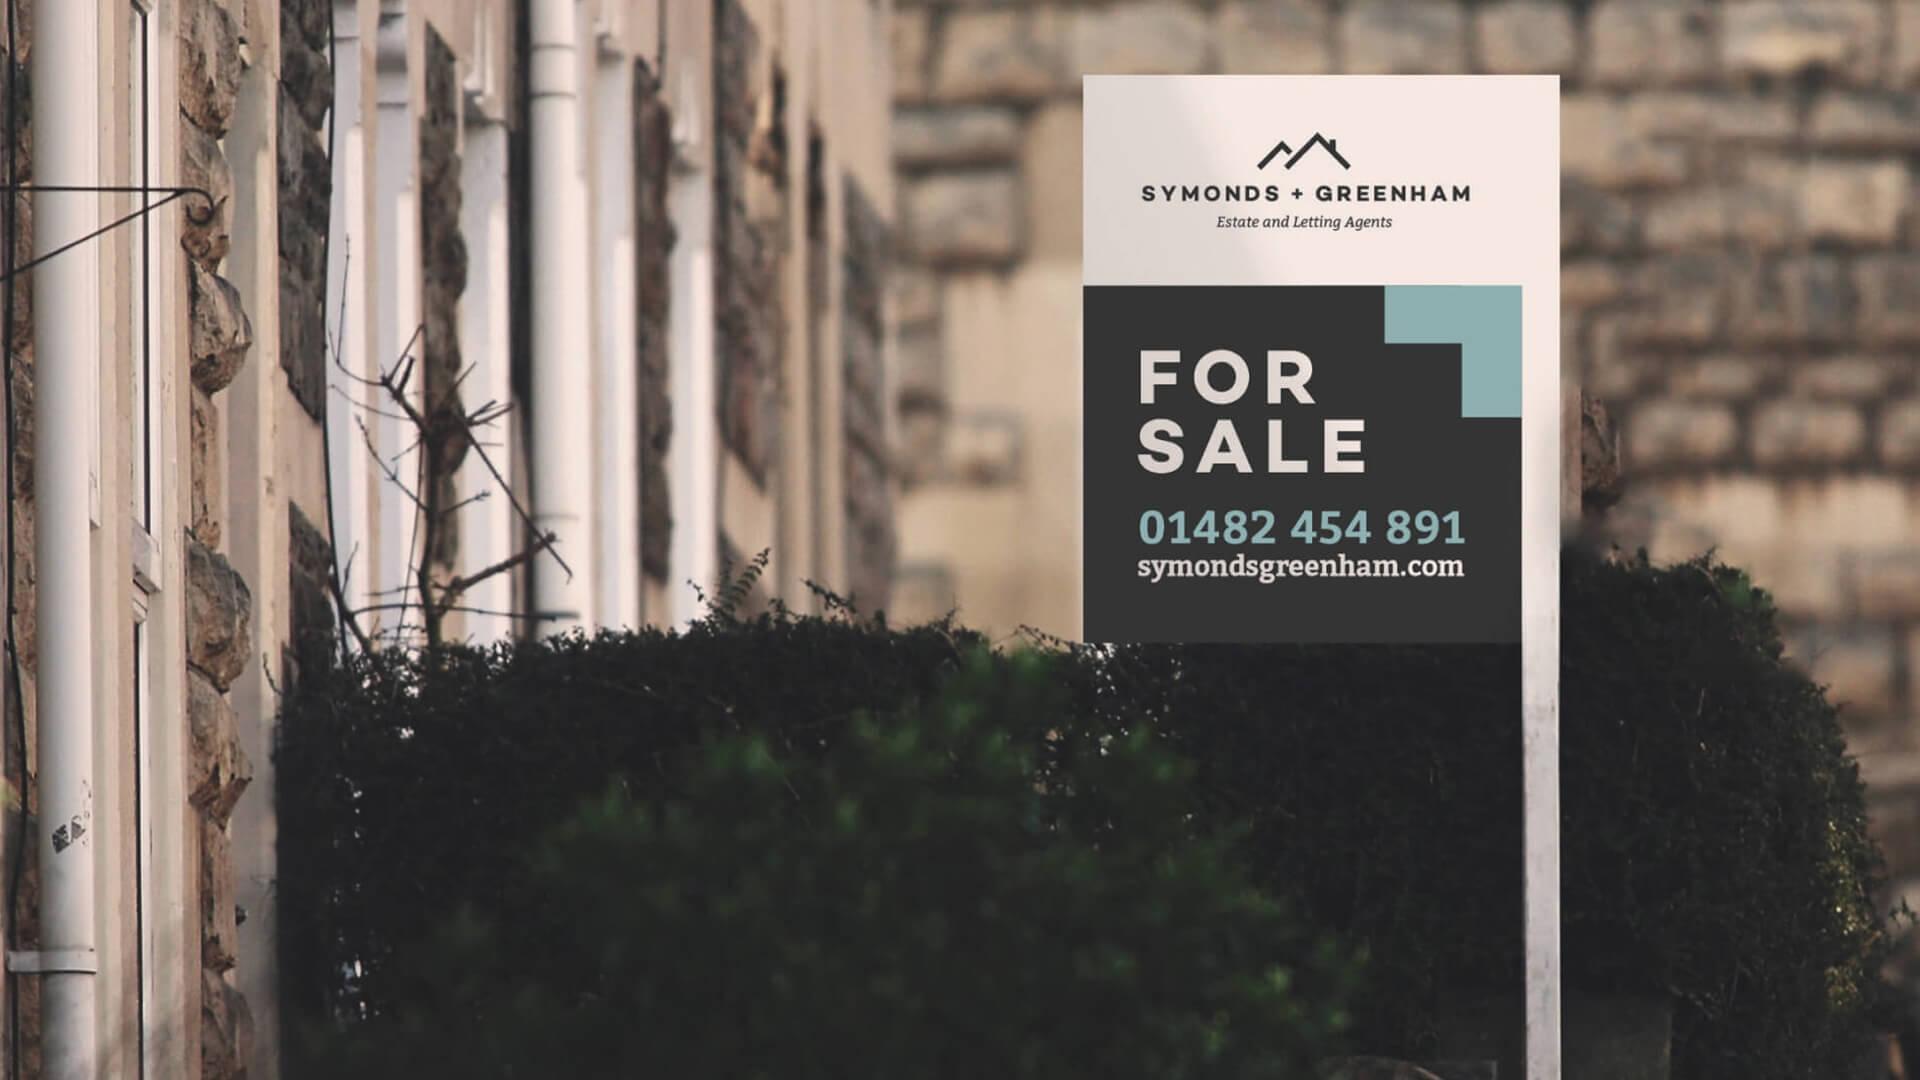 StrawberryToo_Portfolio_Symonds+Greenham-sign.jpg